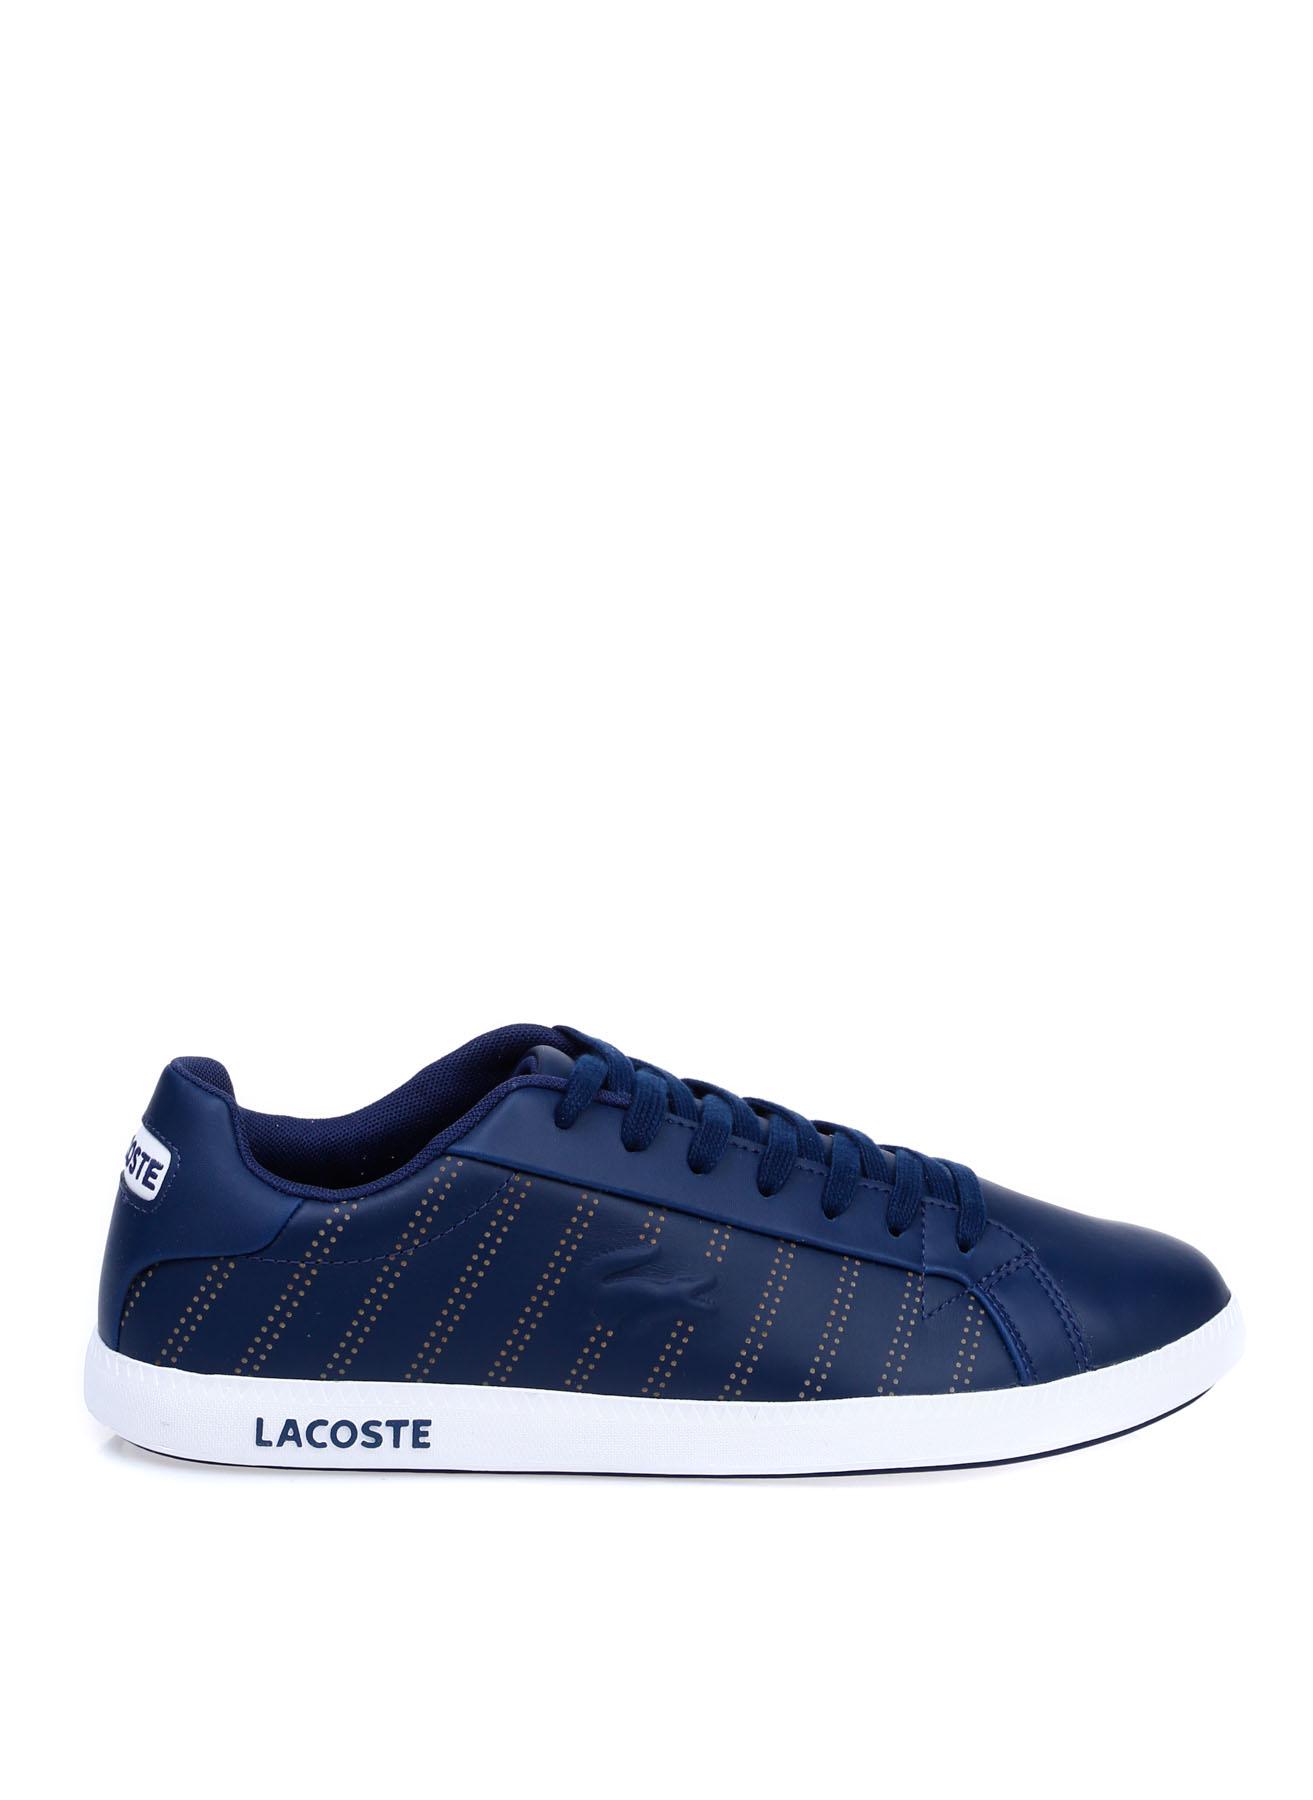 Lacoste Erkek Deri Lacivert-Beyaz Lifestyle Ayakkabı 43 5002314253005 Ürün Resmi